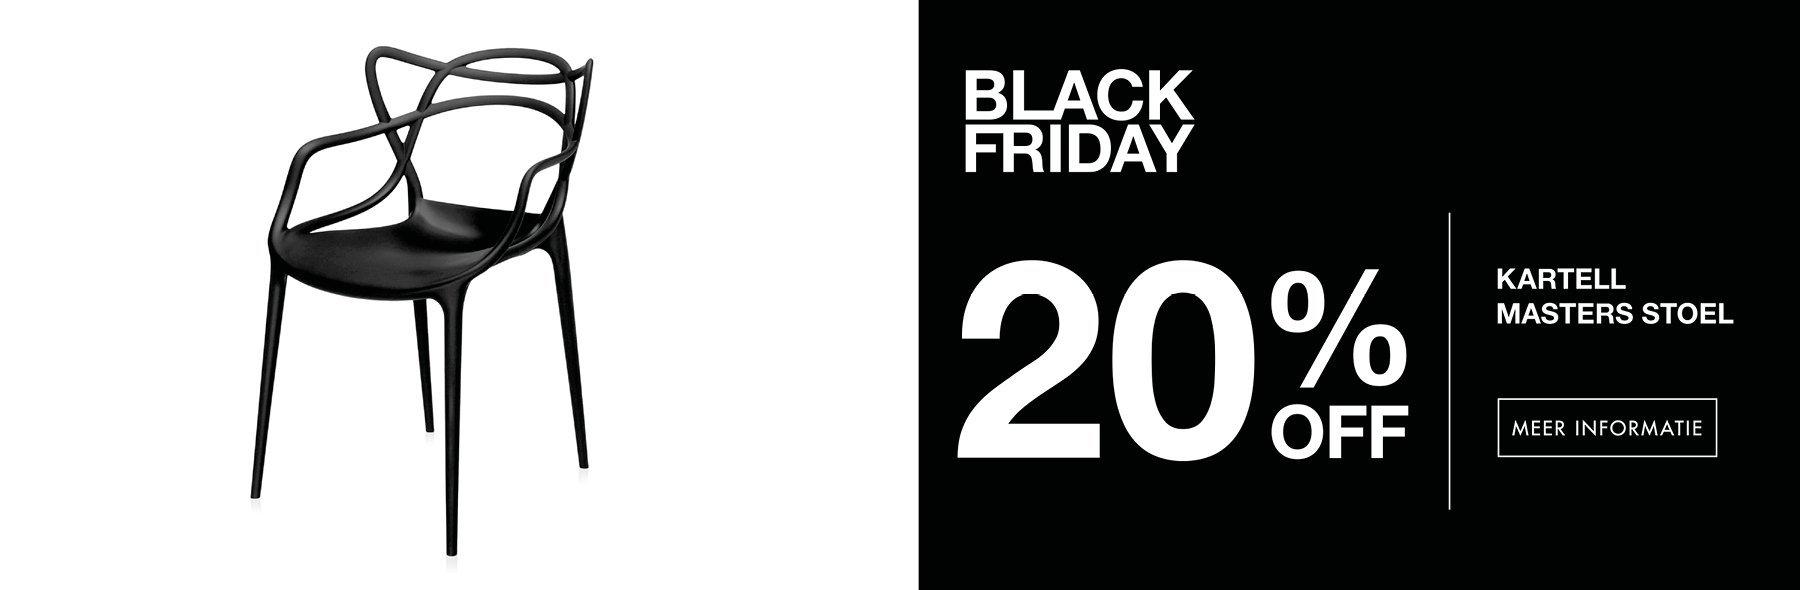 Black Friday Kartell